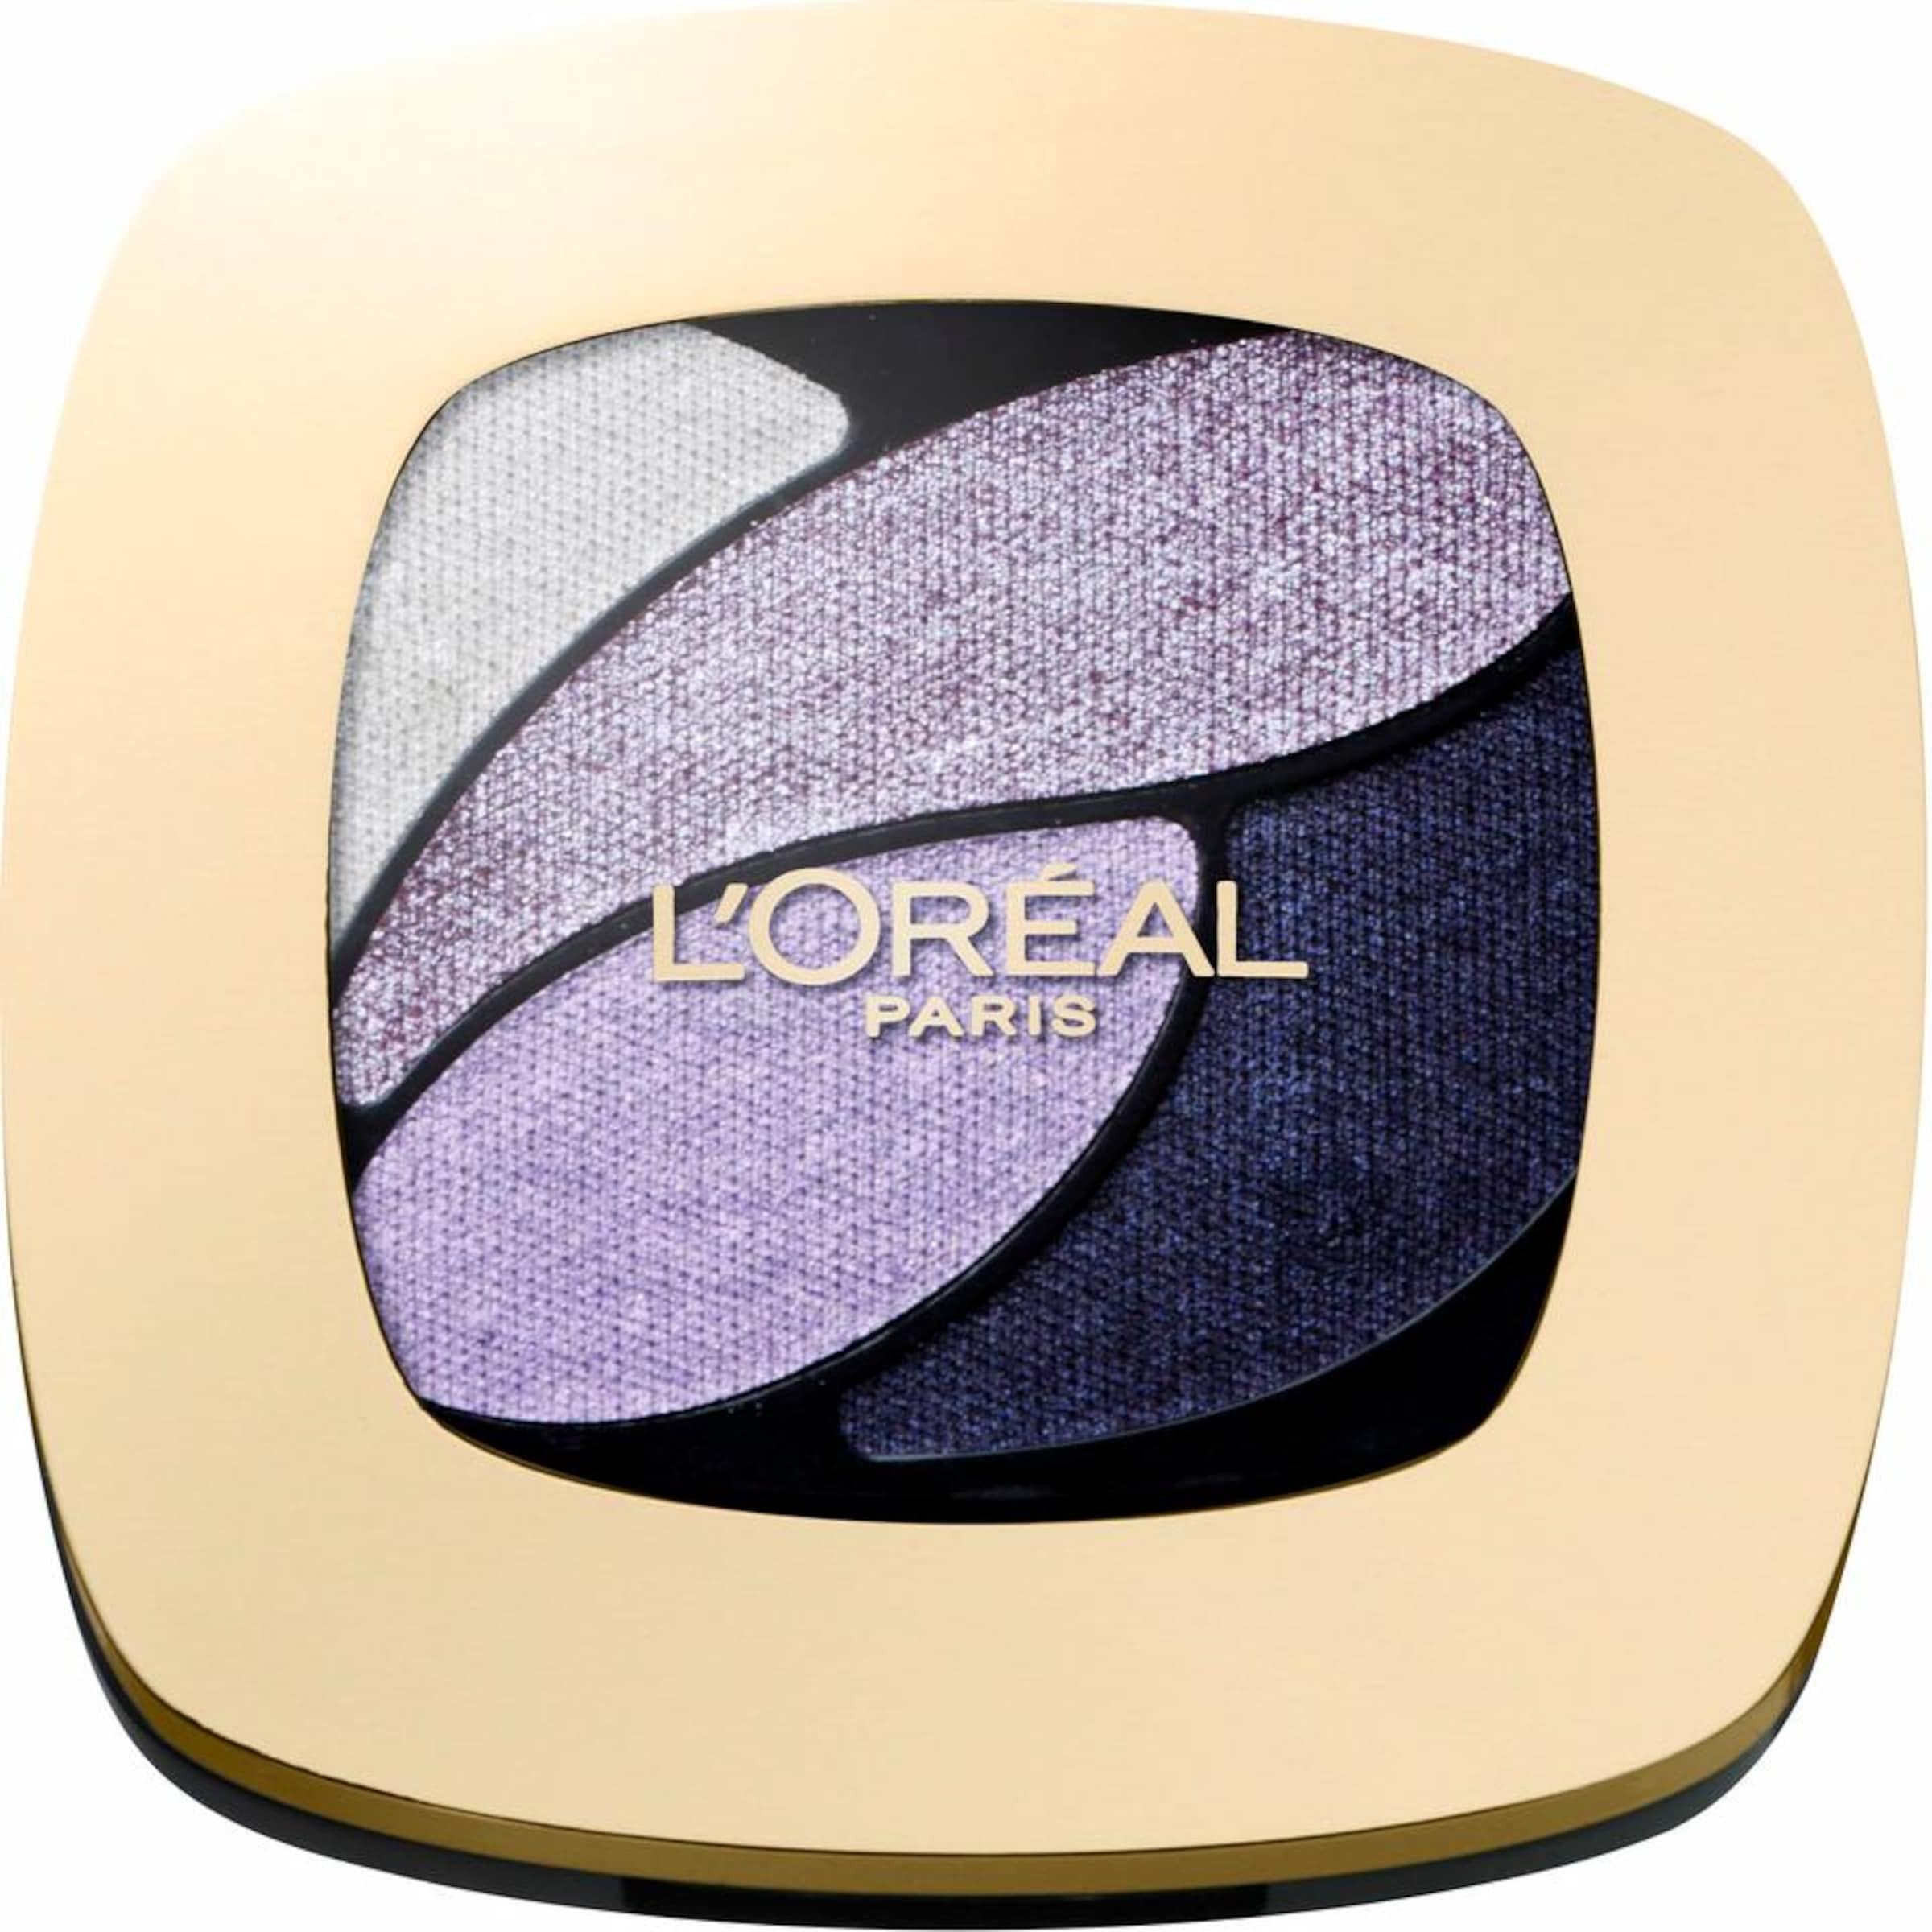 Color L'oréal 'lidschatten Riche Hellpink In Paris LilaViolettblau Quad'Lidschatten Silber rCdxoBe